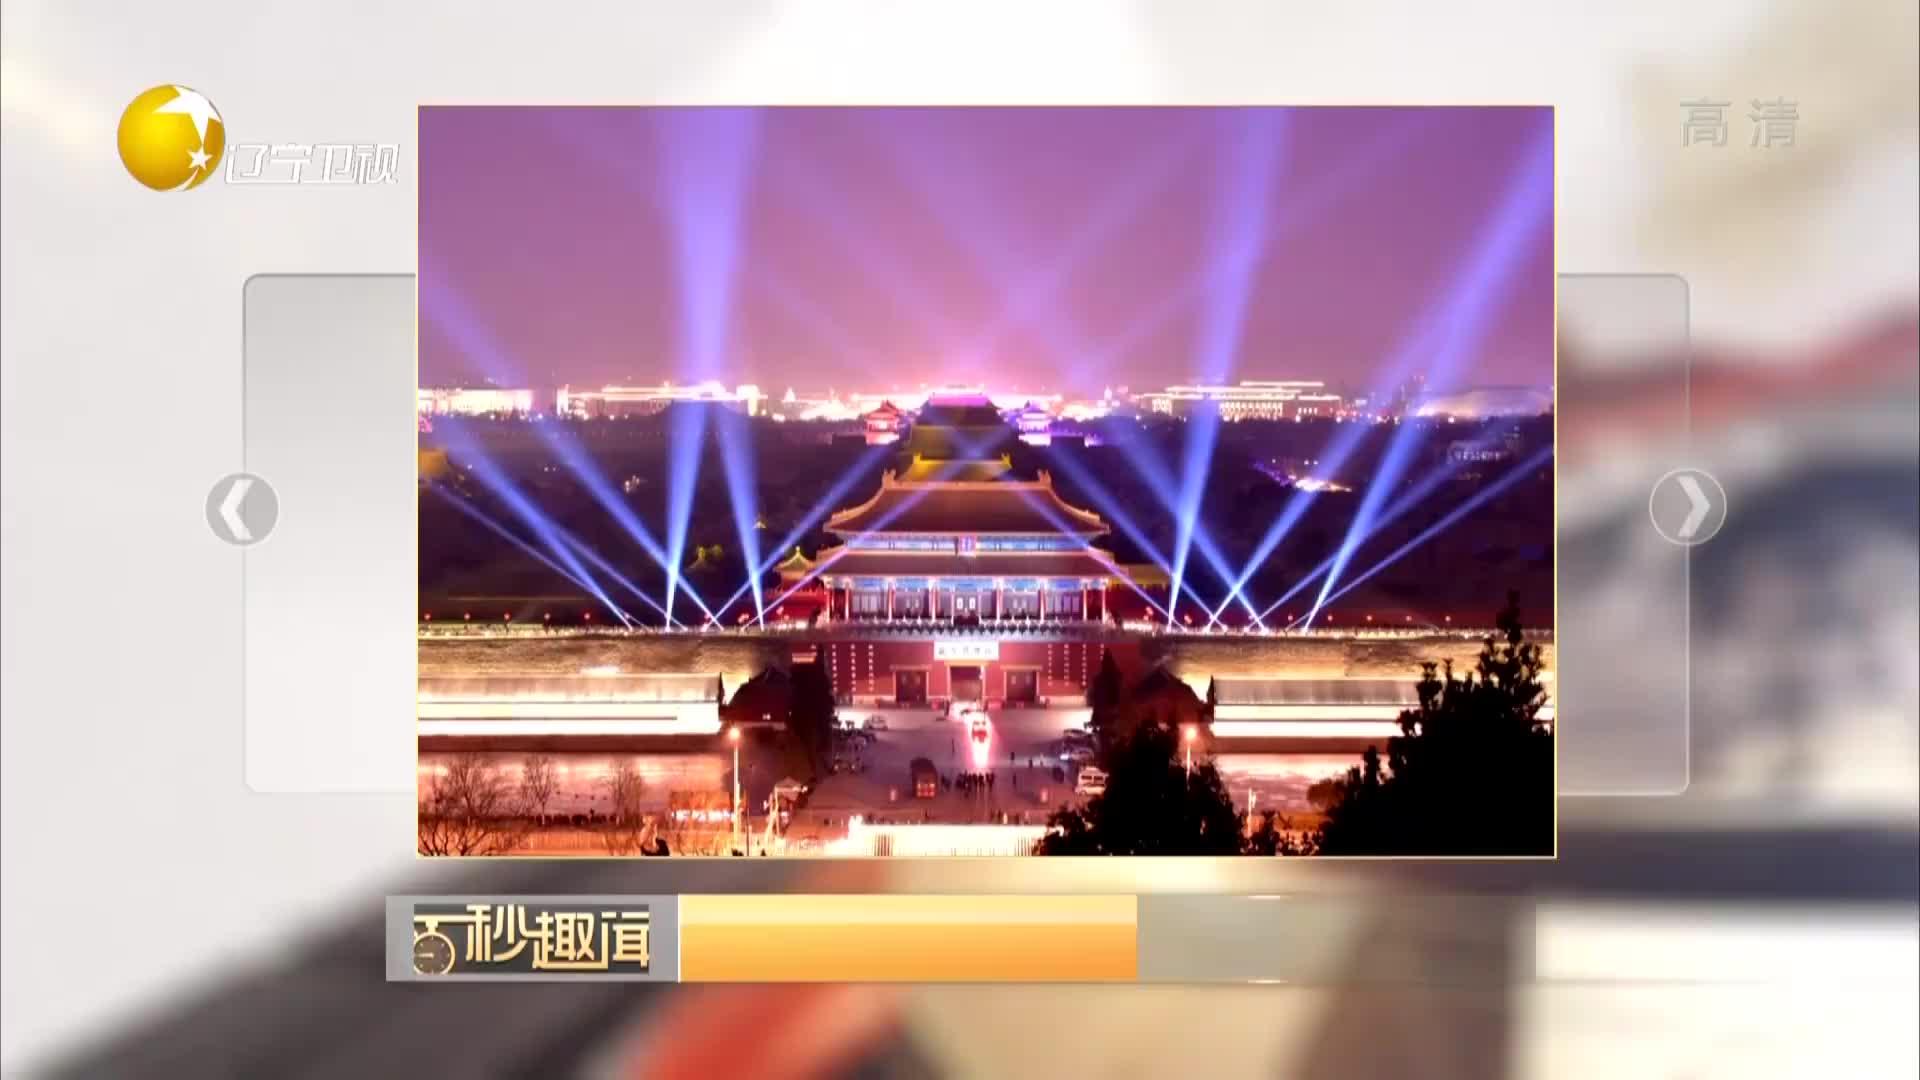 [视频]故宫将拍卖首次复原的天灯、万寿灯、宫灯